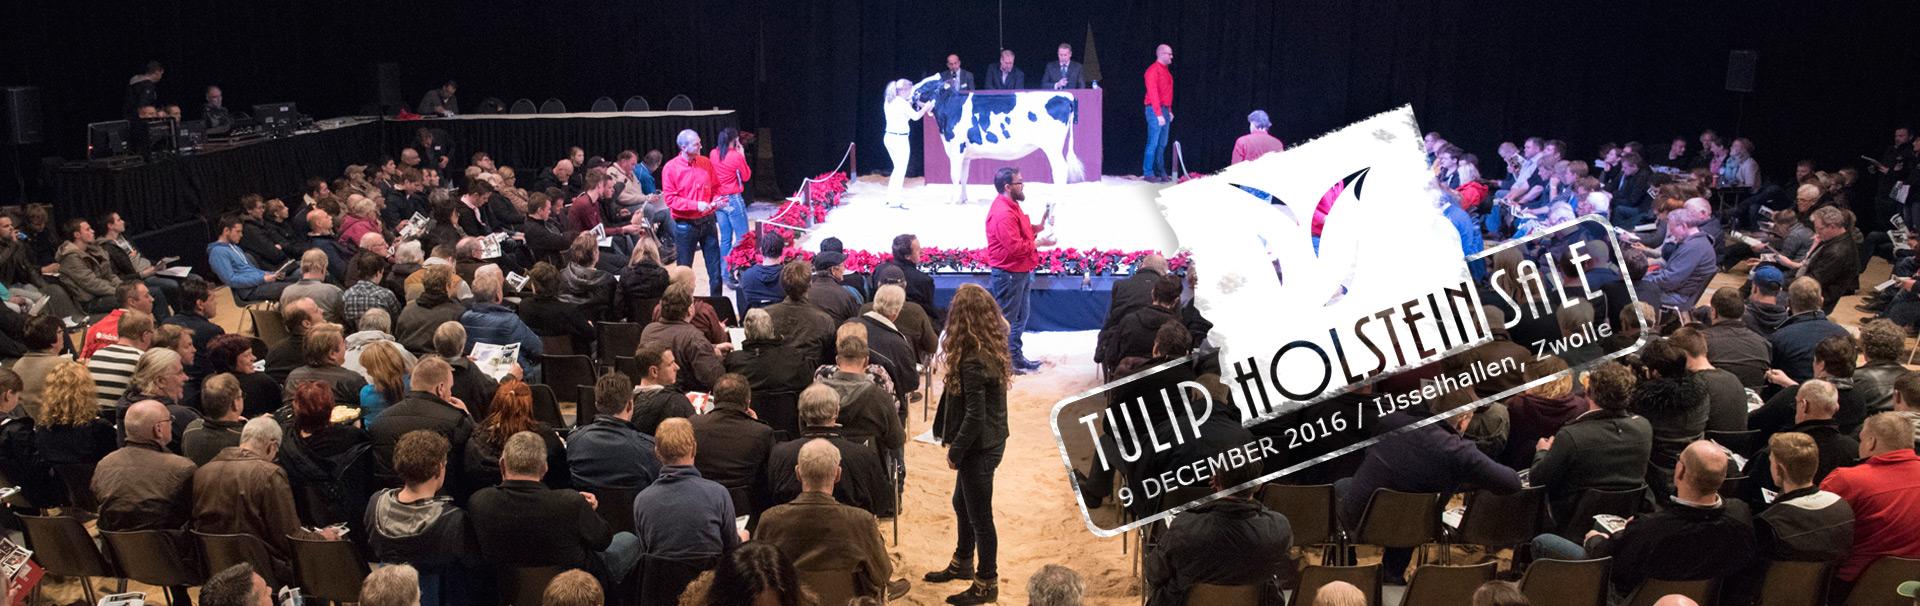 Tulip Sale 2015 (stempel)